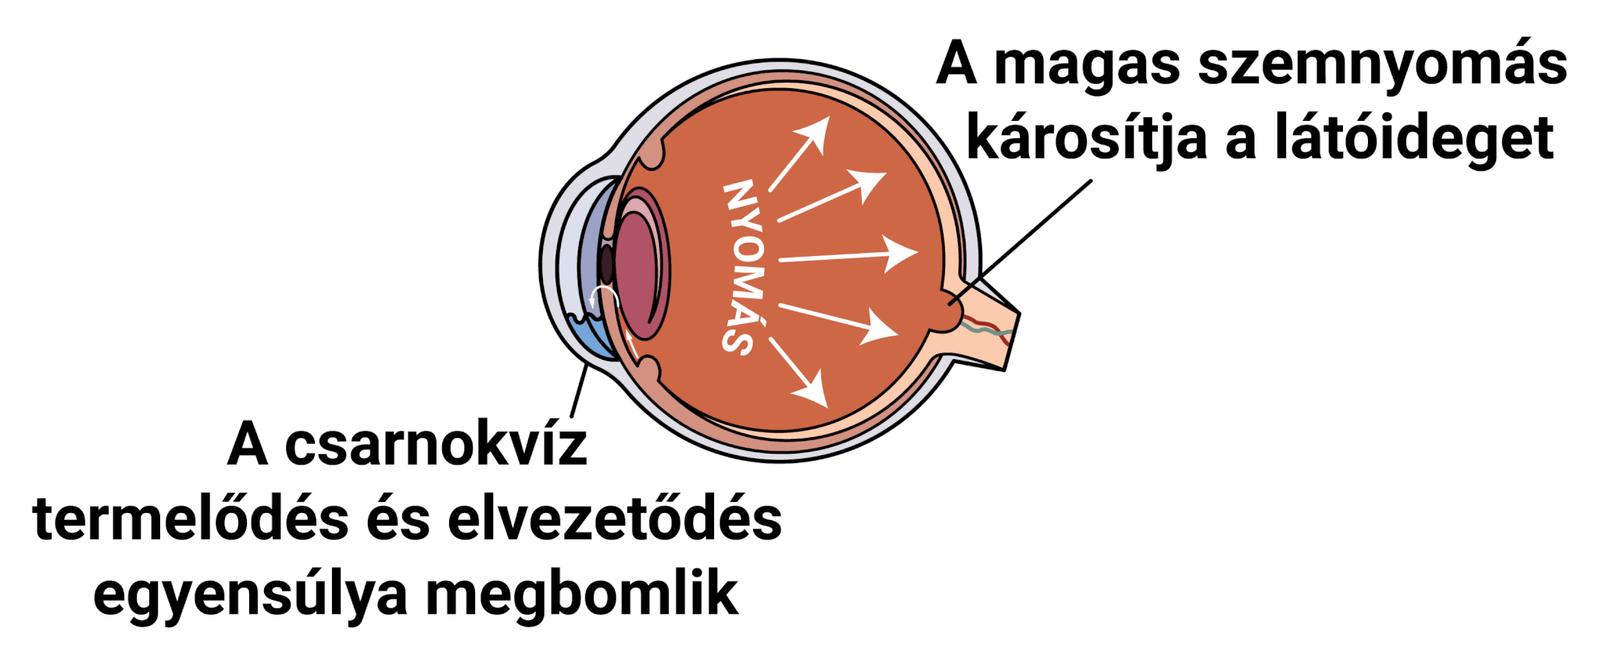 A cukorbetegség szemészeti szövődményei